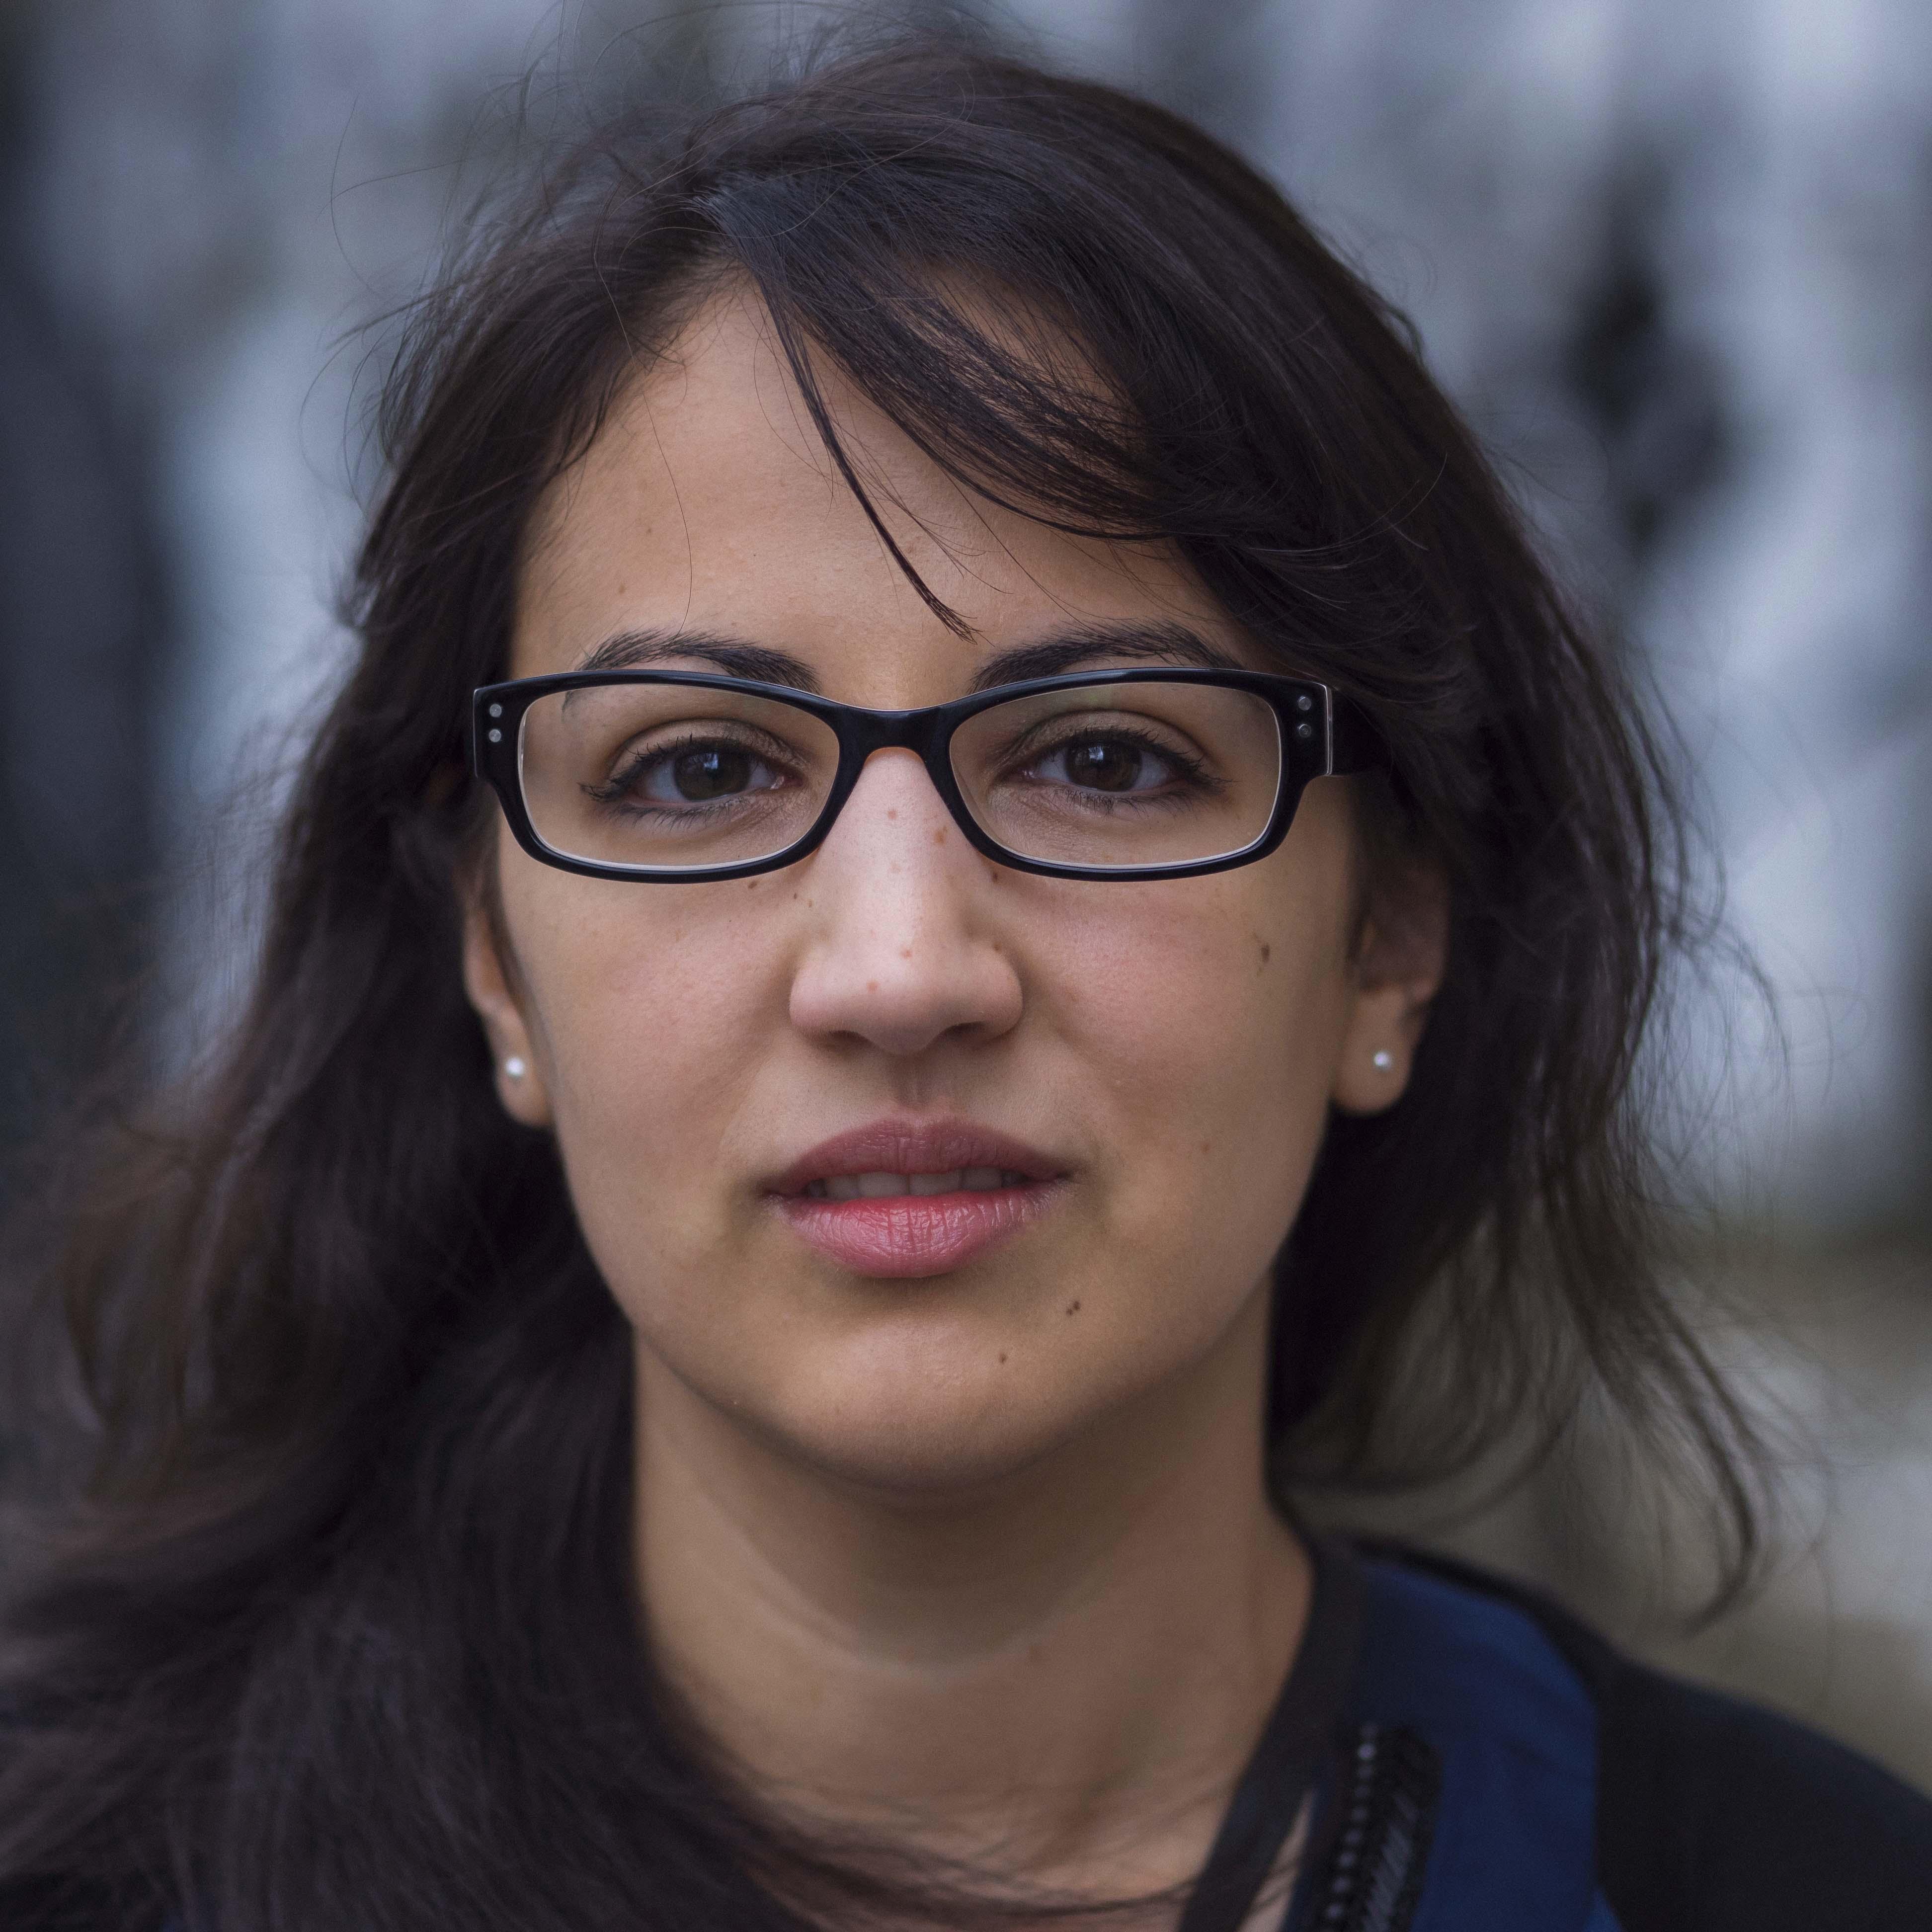 هنية بن قلقاس - ناشطة حقوقية